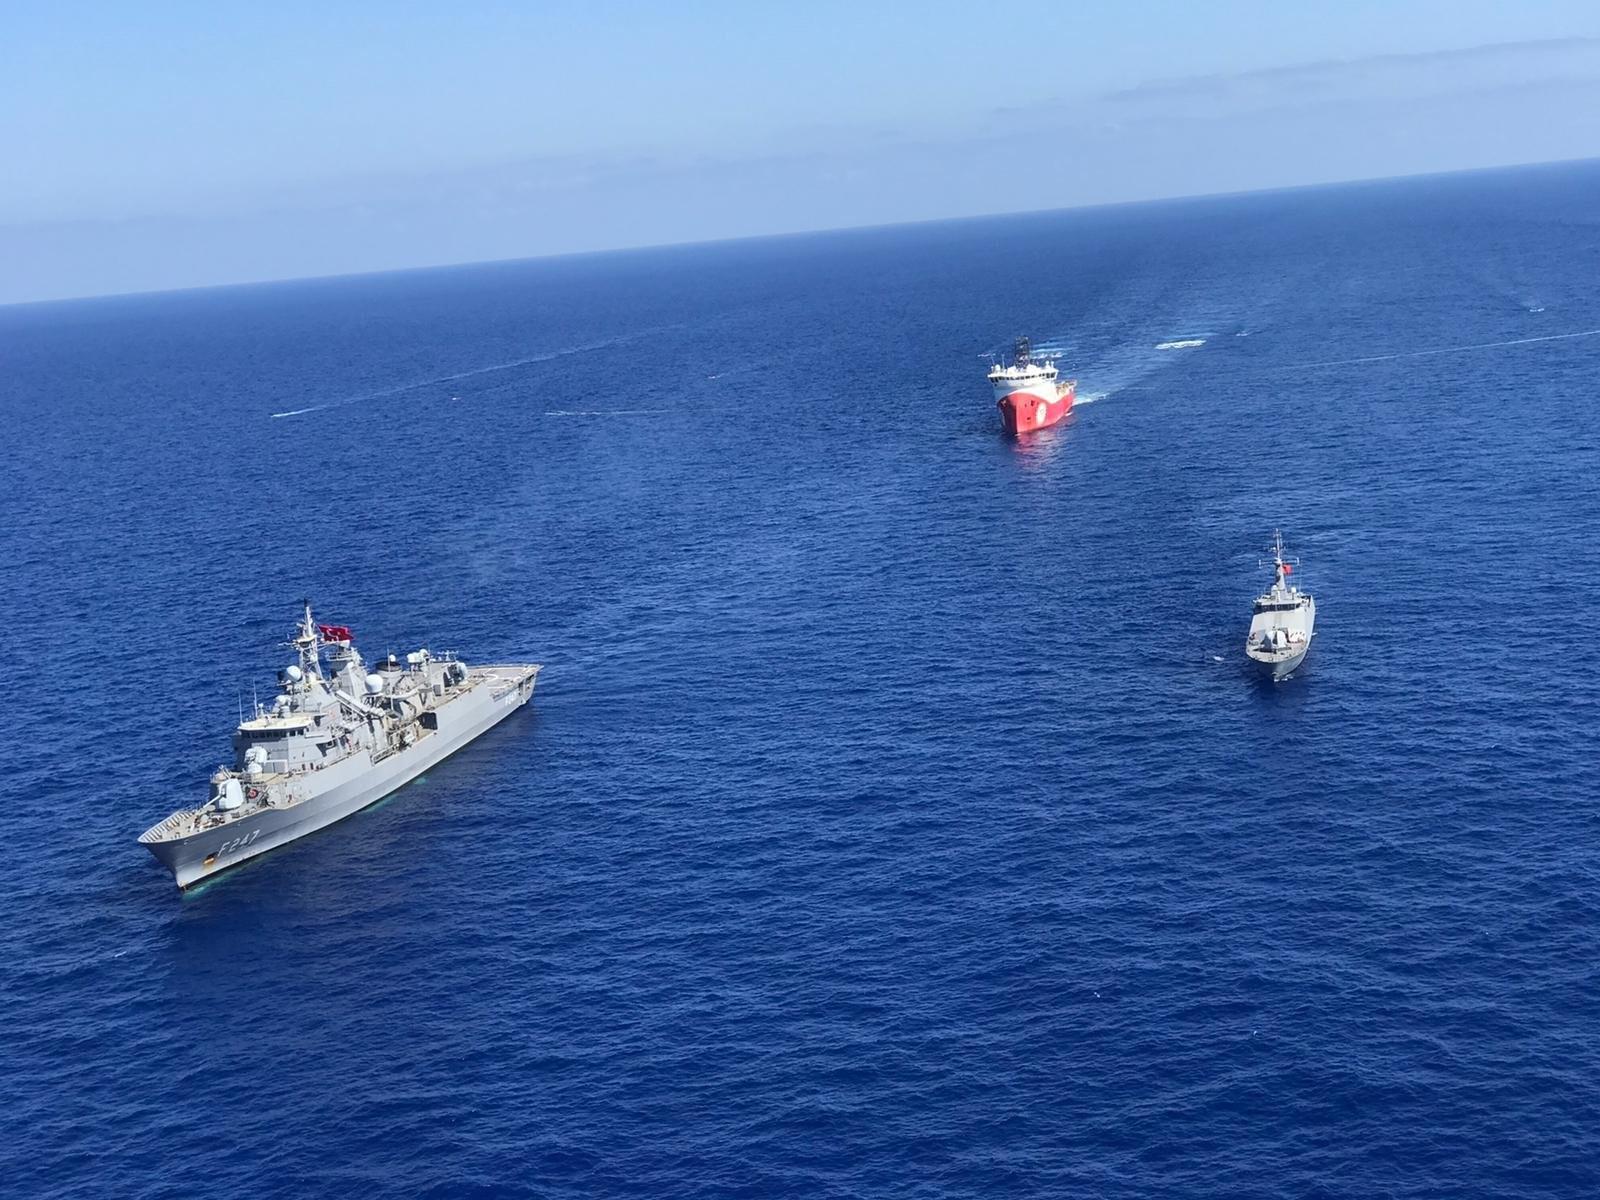 سفينة كمال رئيس وسفينة بربروس العسكرية